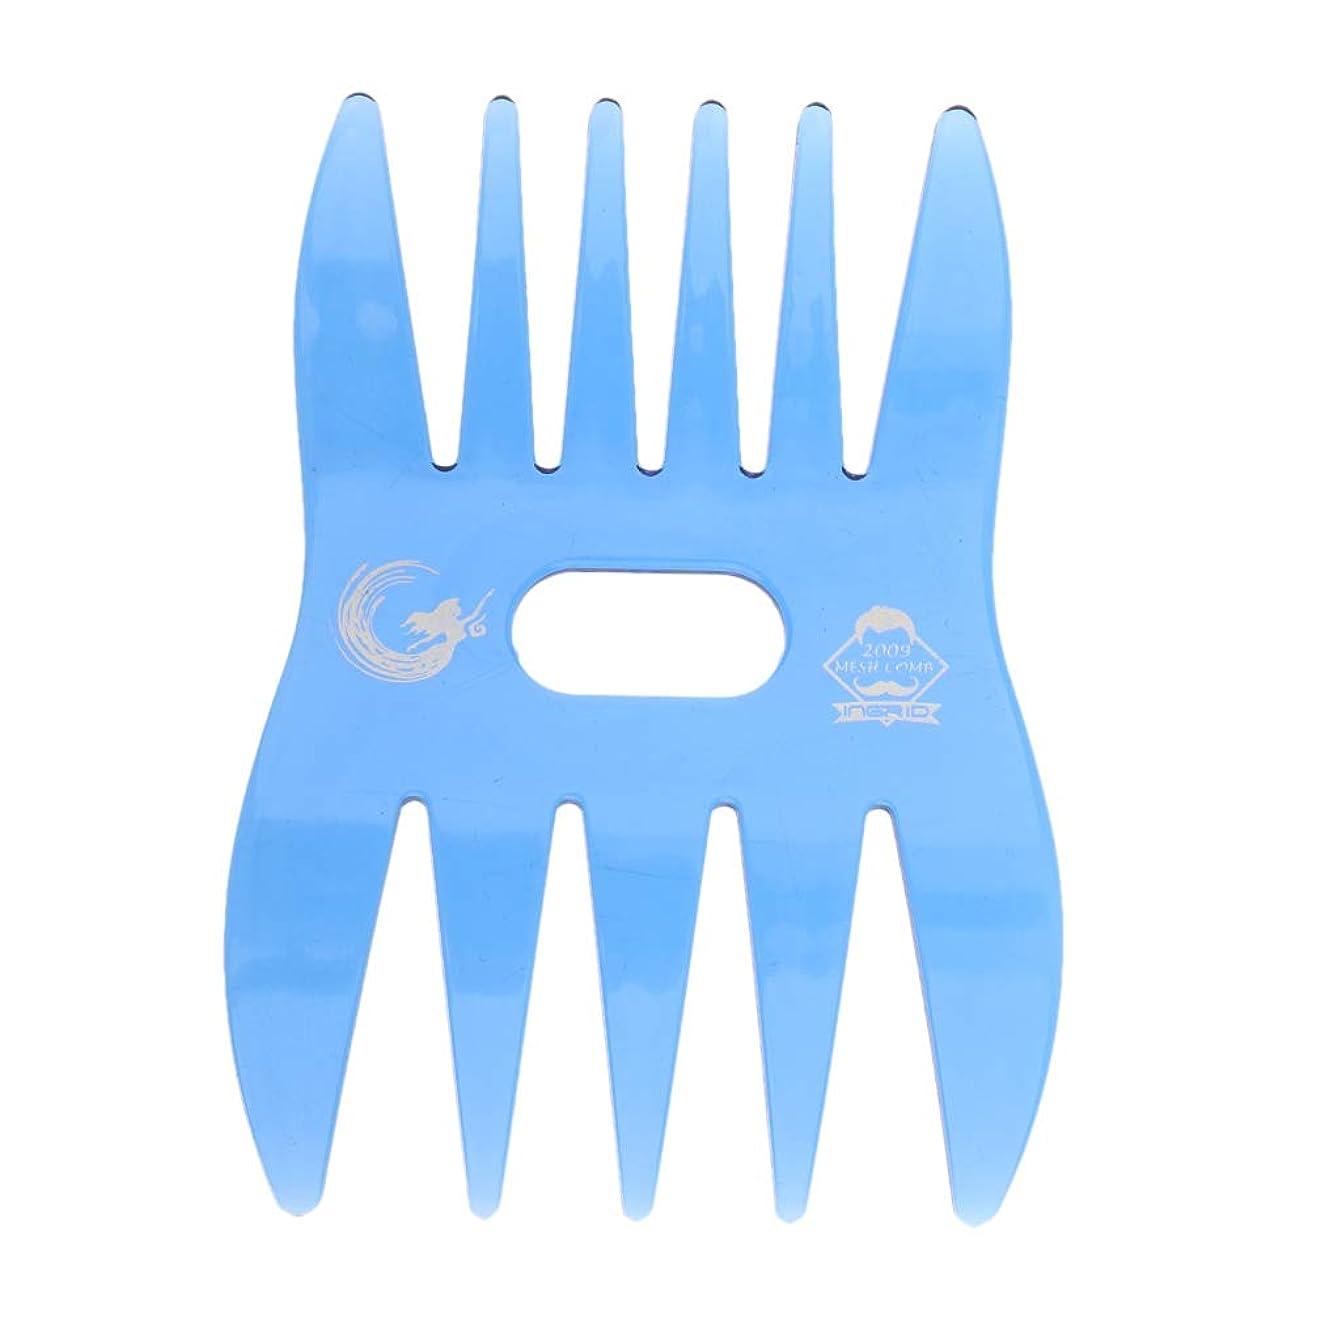 供給とんでもない漫画ヘアコーム ヘアブラシ デュアルサイド ワイド 細かい歯 プロ ヘアスタイリスト 櫛 4色選べ - 青